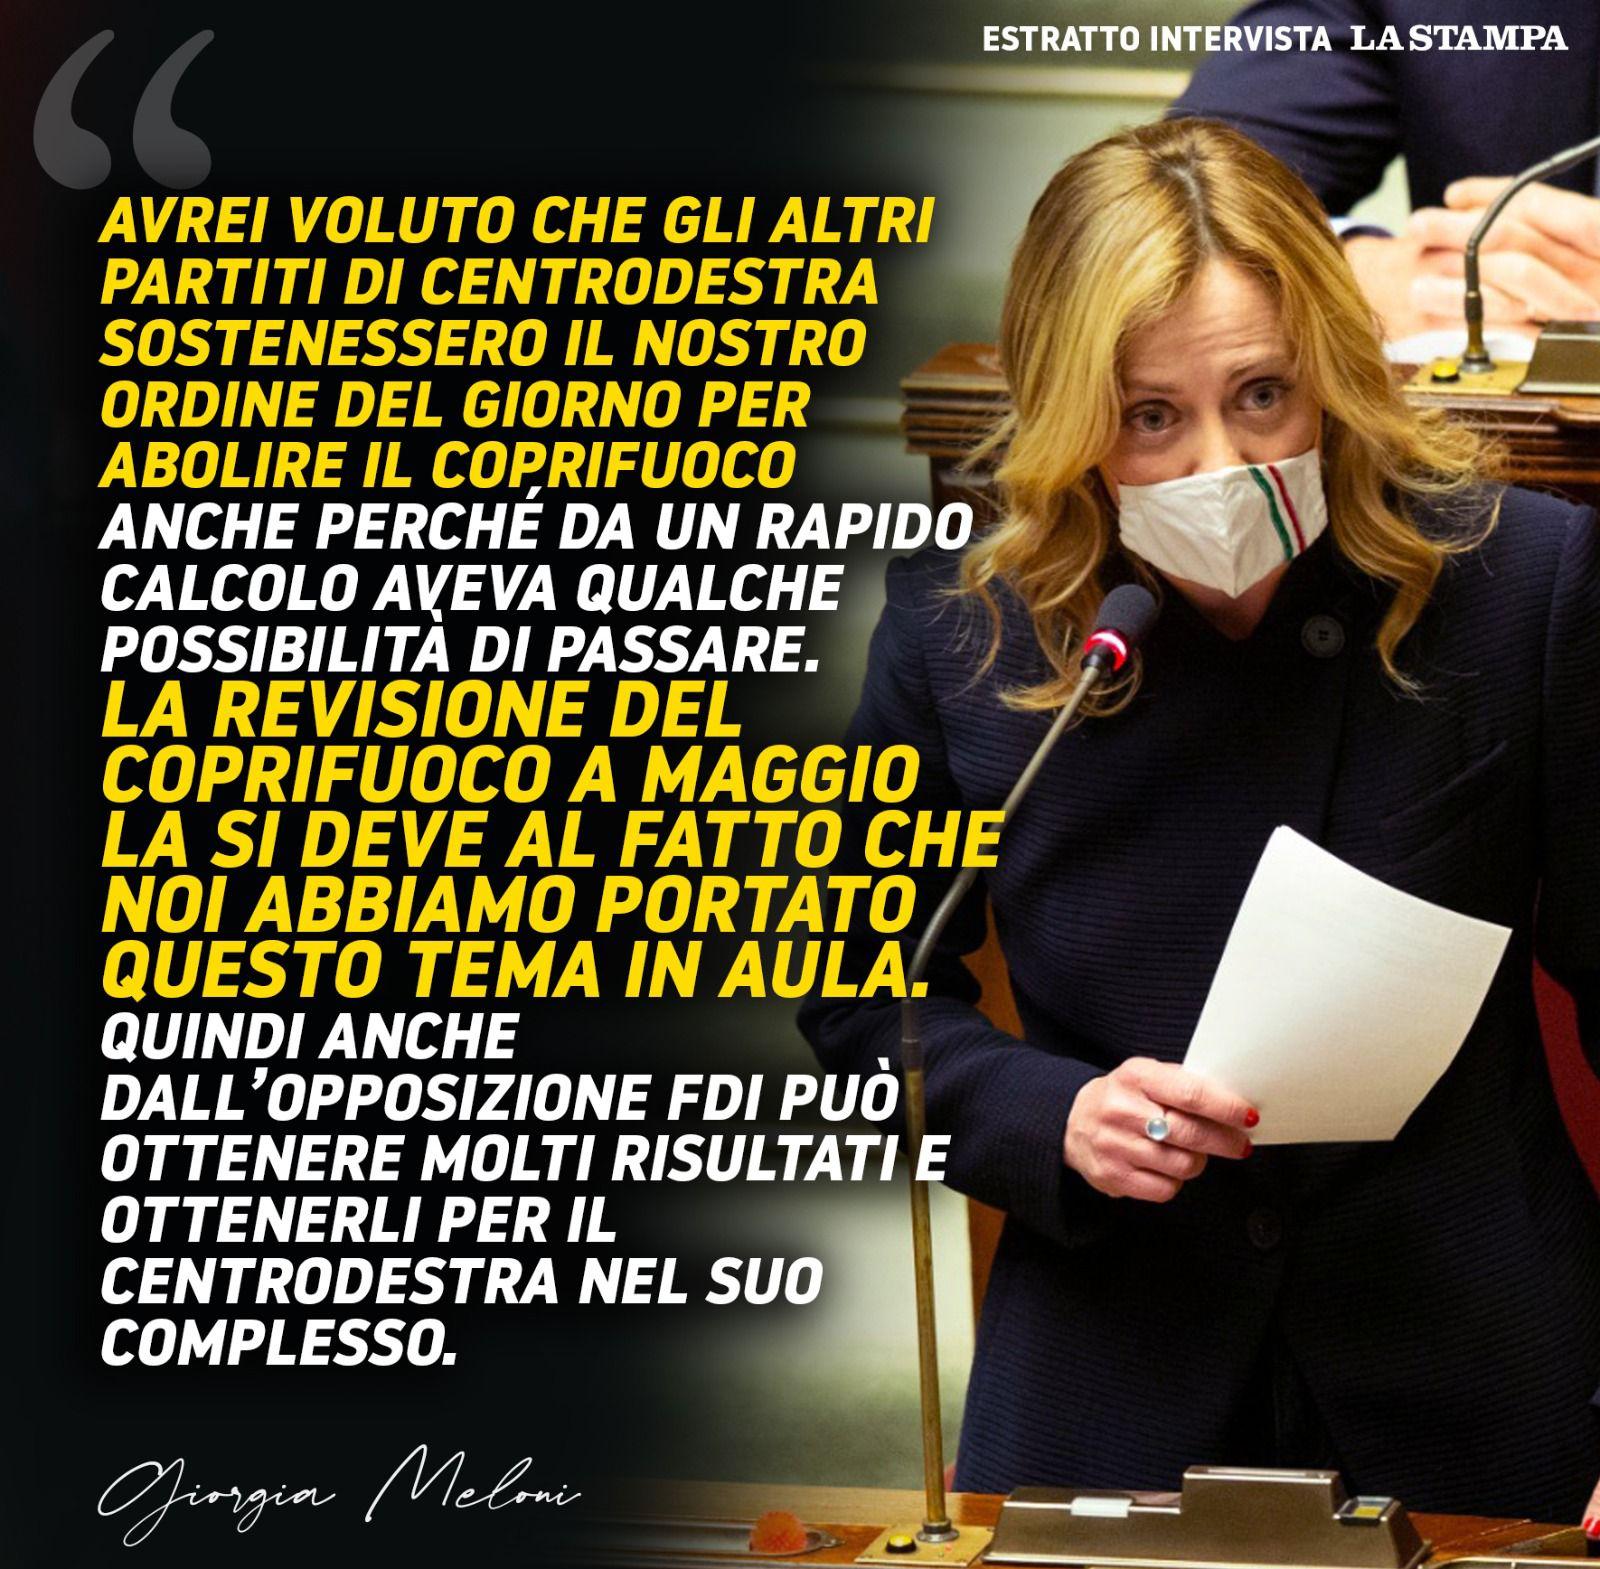 Giorgia Meloni La Stampa